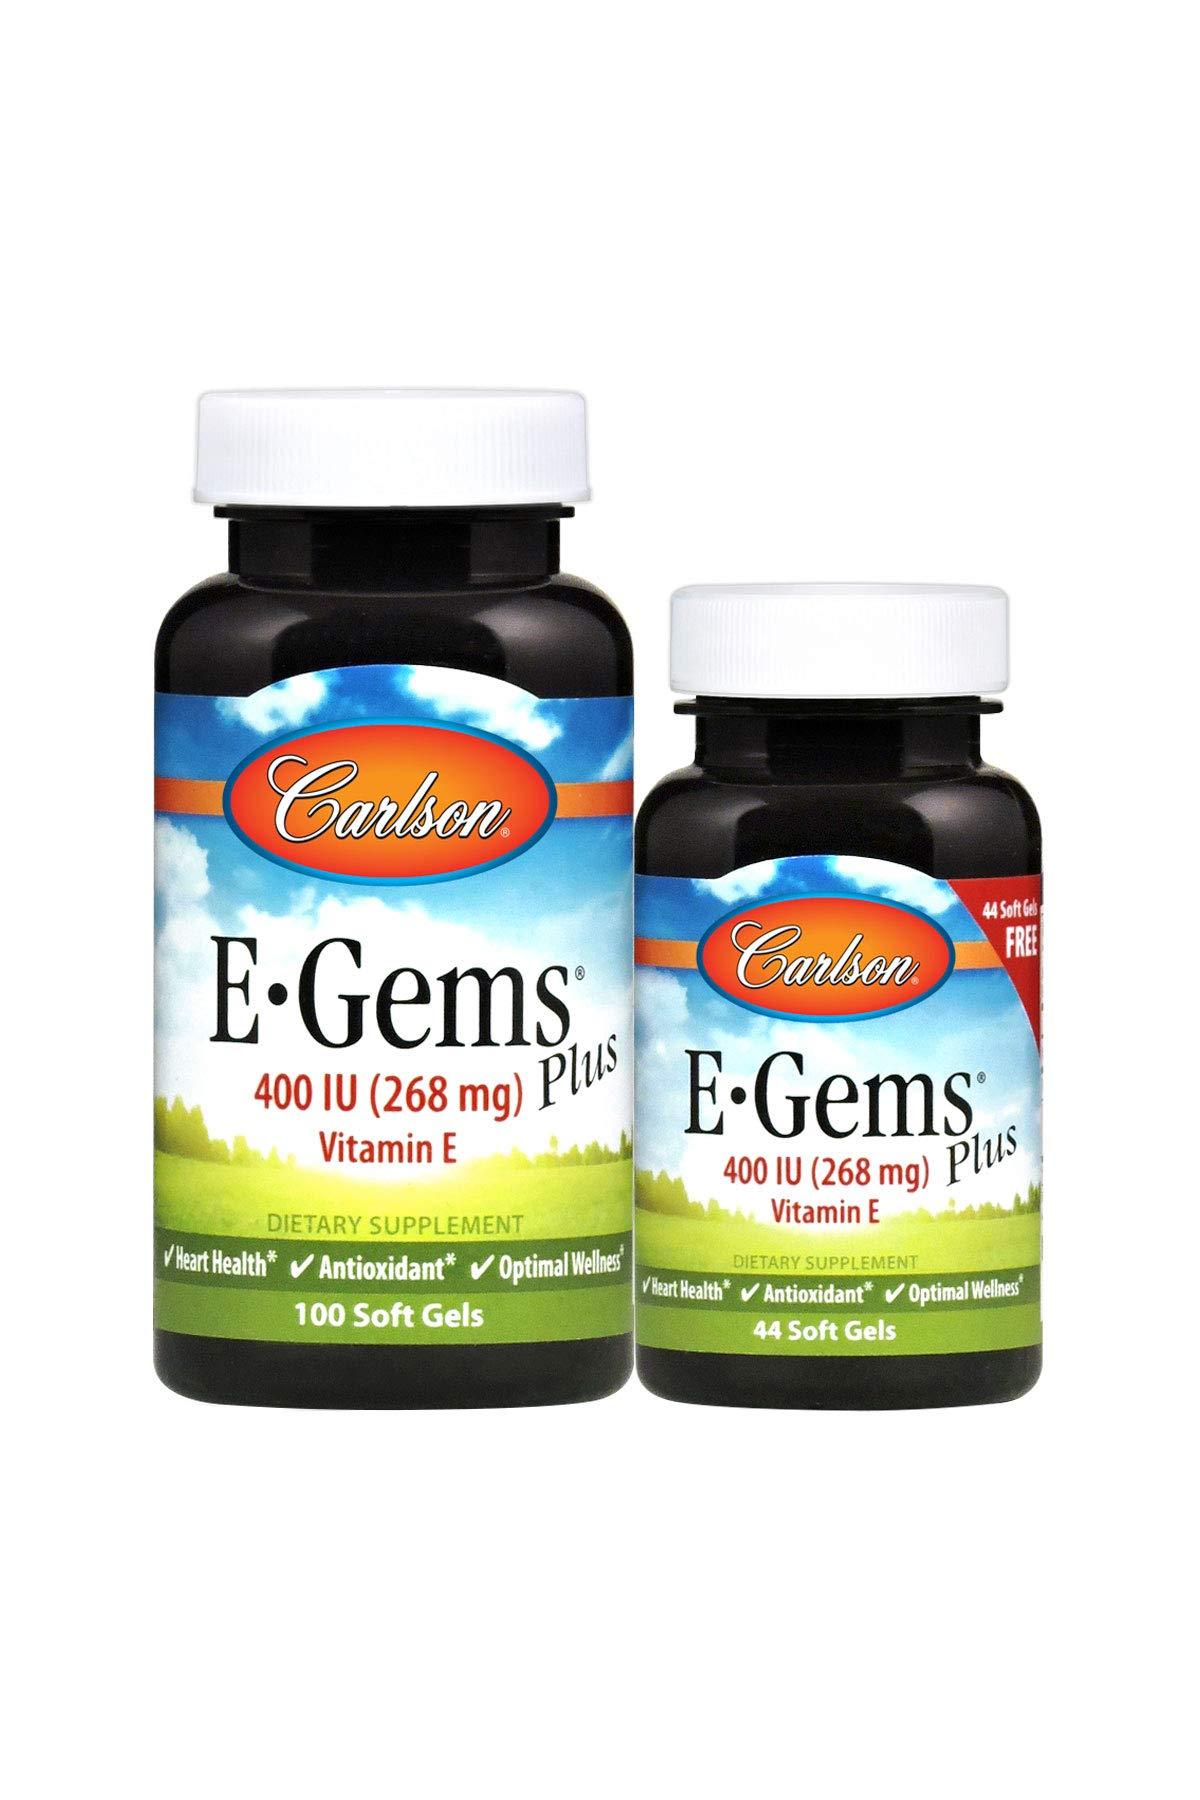 Carlson - E-Gems Plus, 400 IU Vitamin E, Heart Health & Optimal Wellness, Antioxidant, 100+44 Soft gels